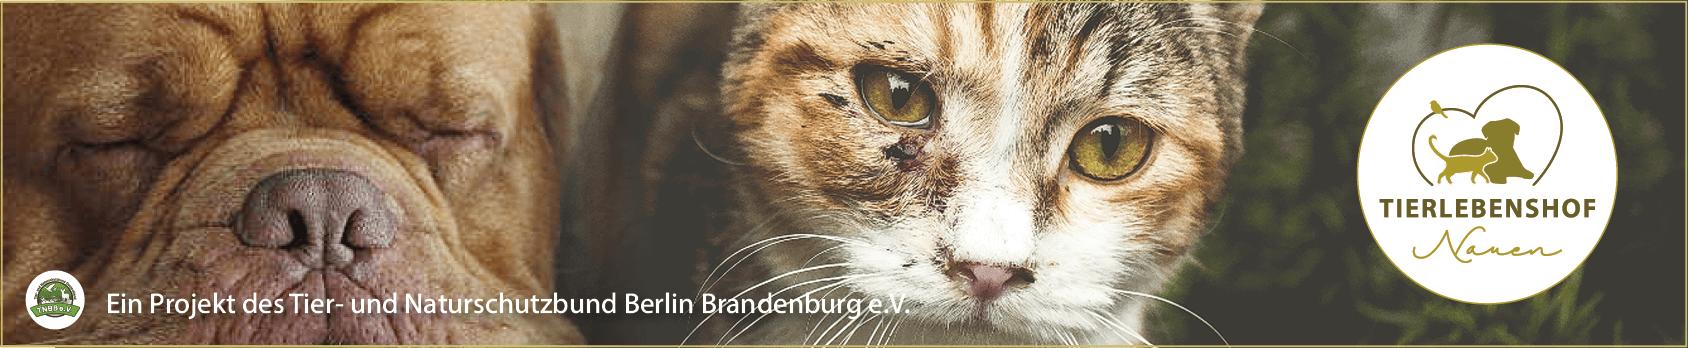 Tier- und Naturschutzbund Berlin-Brandenburg e.V.